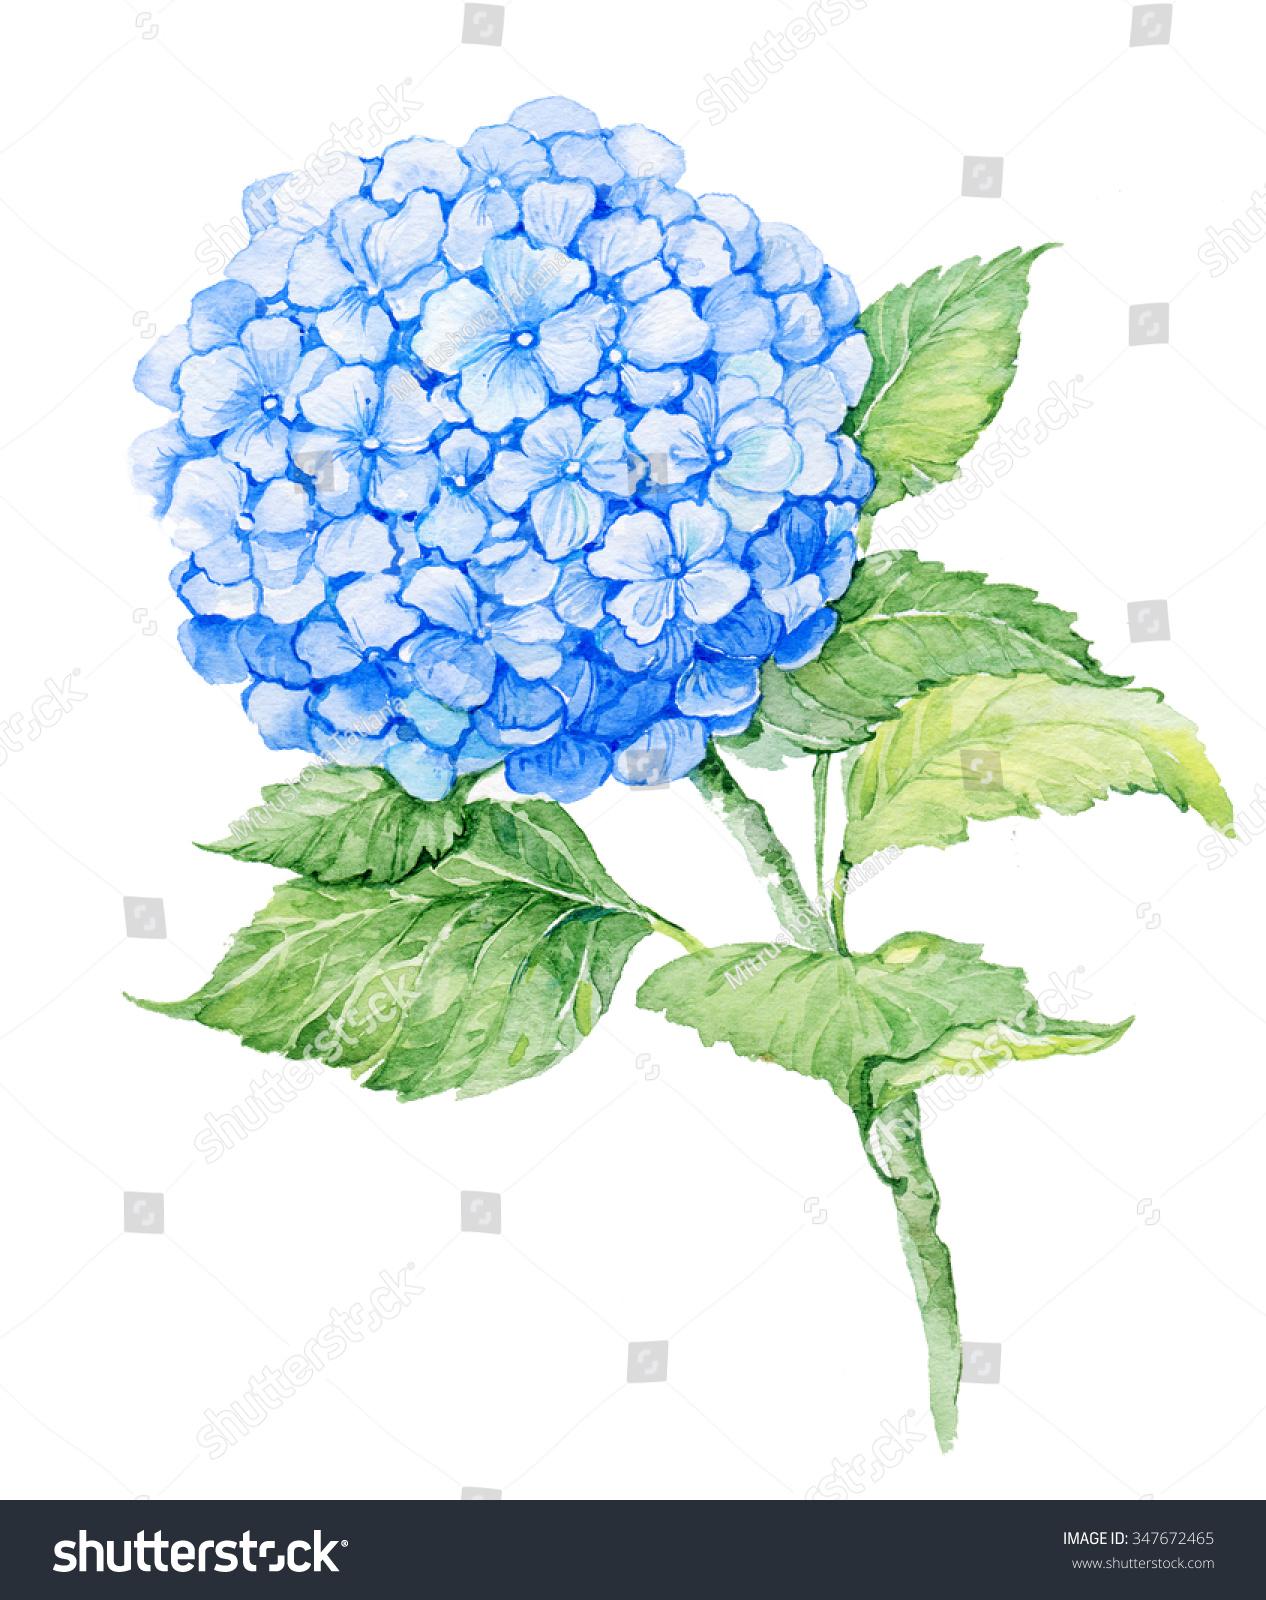 Hydrangea paper flower template selol ink hydrangea paper flower template mightylinksfo